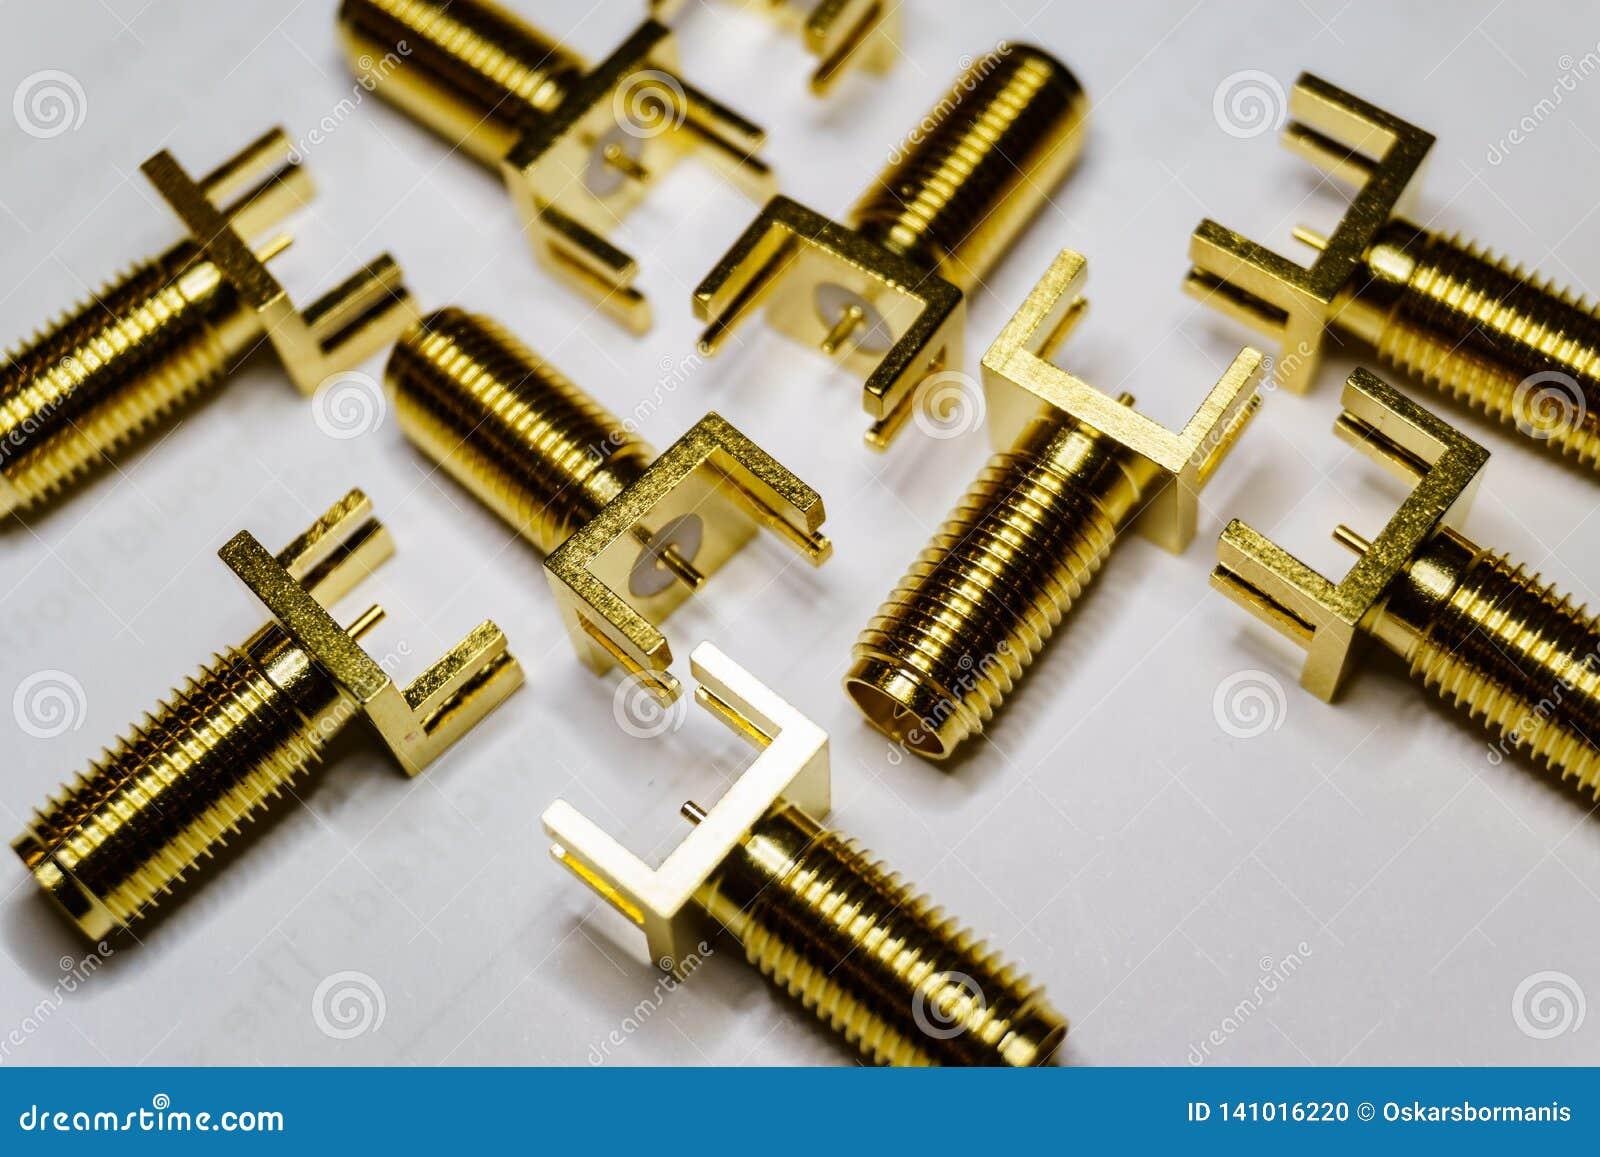 Close-up de componentes chapeados ouro dispersados da eletrônica dos conectores machos de SMA no fundo branco no teste padrão ale